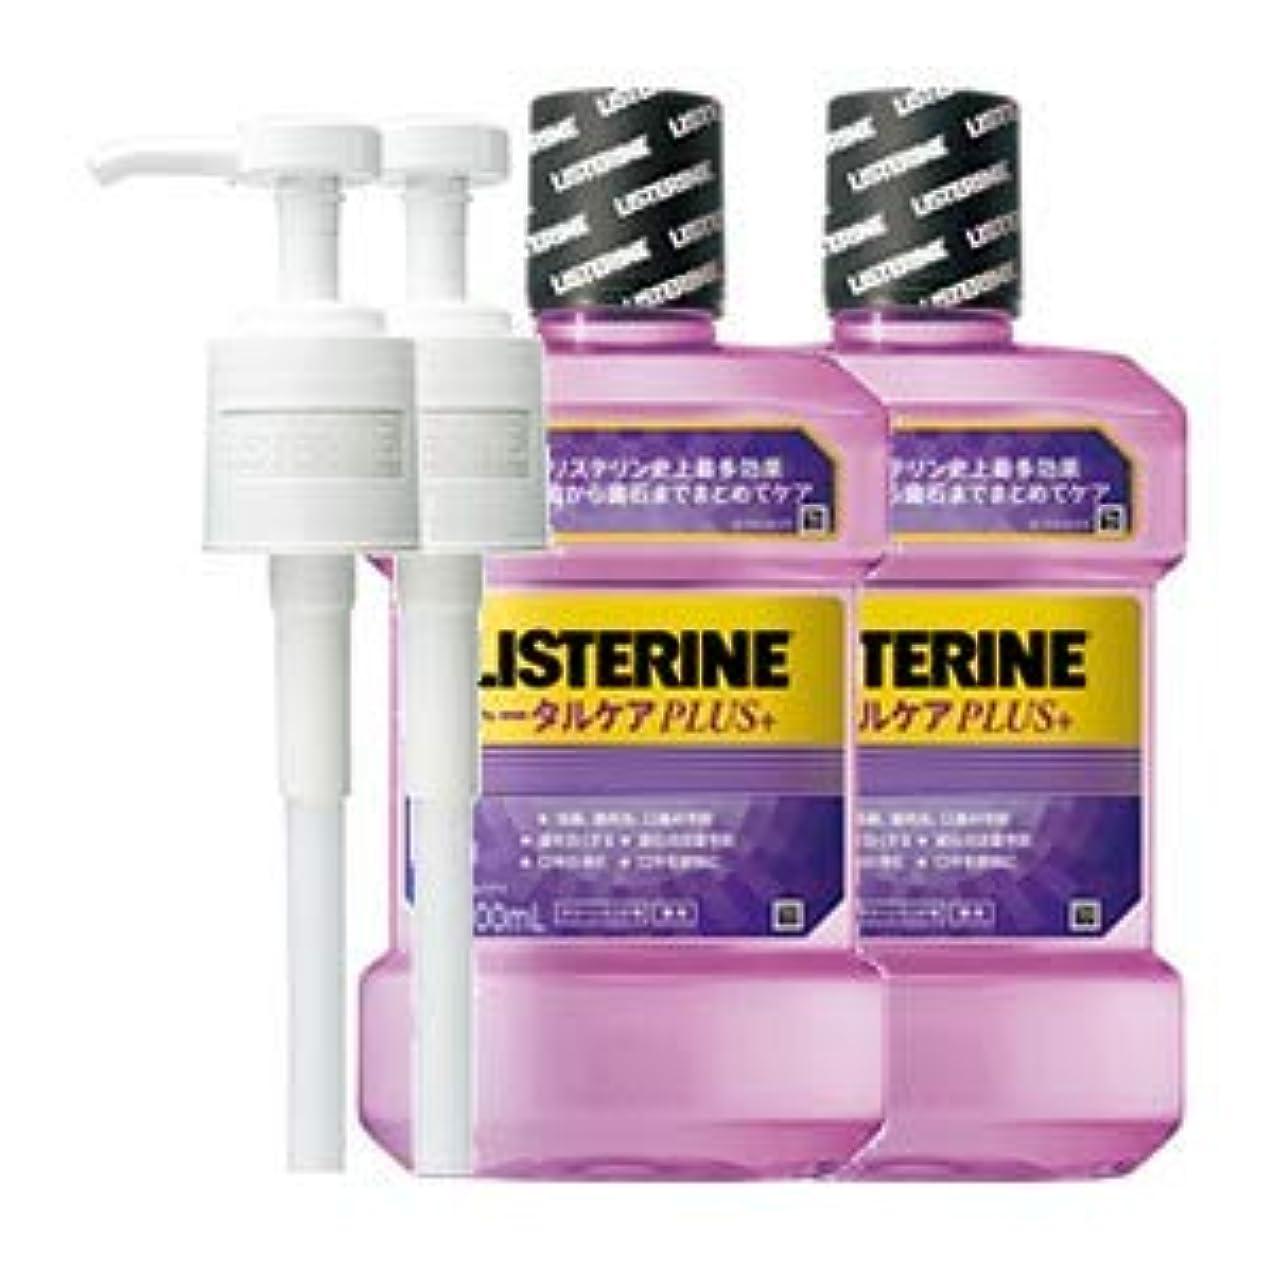 オープニング溶ける憂慮すべき薬用リステリン トータルケアプラス (液体歯磨) 1000mL 2点セット (ポンプ付)